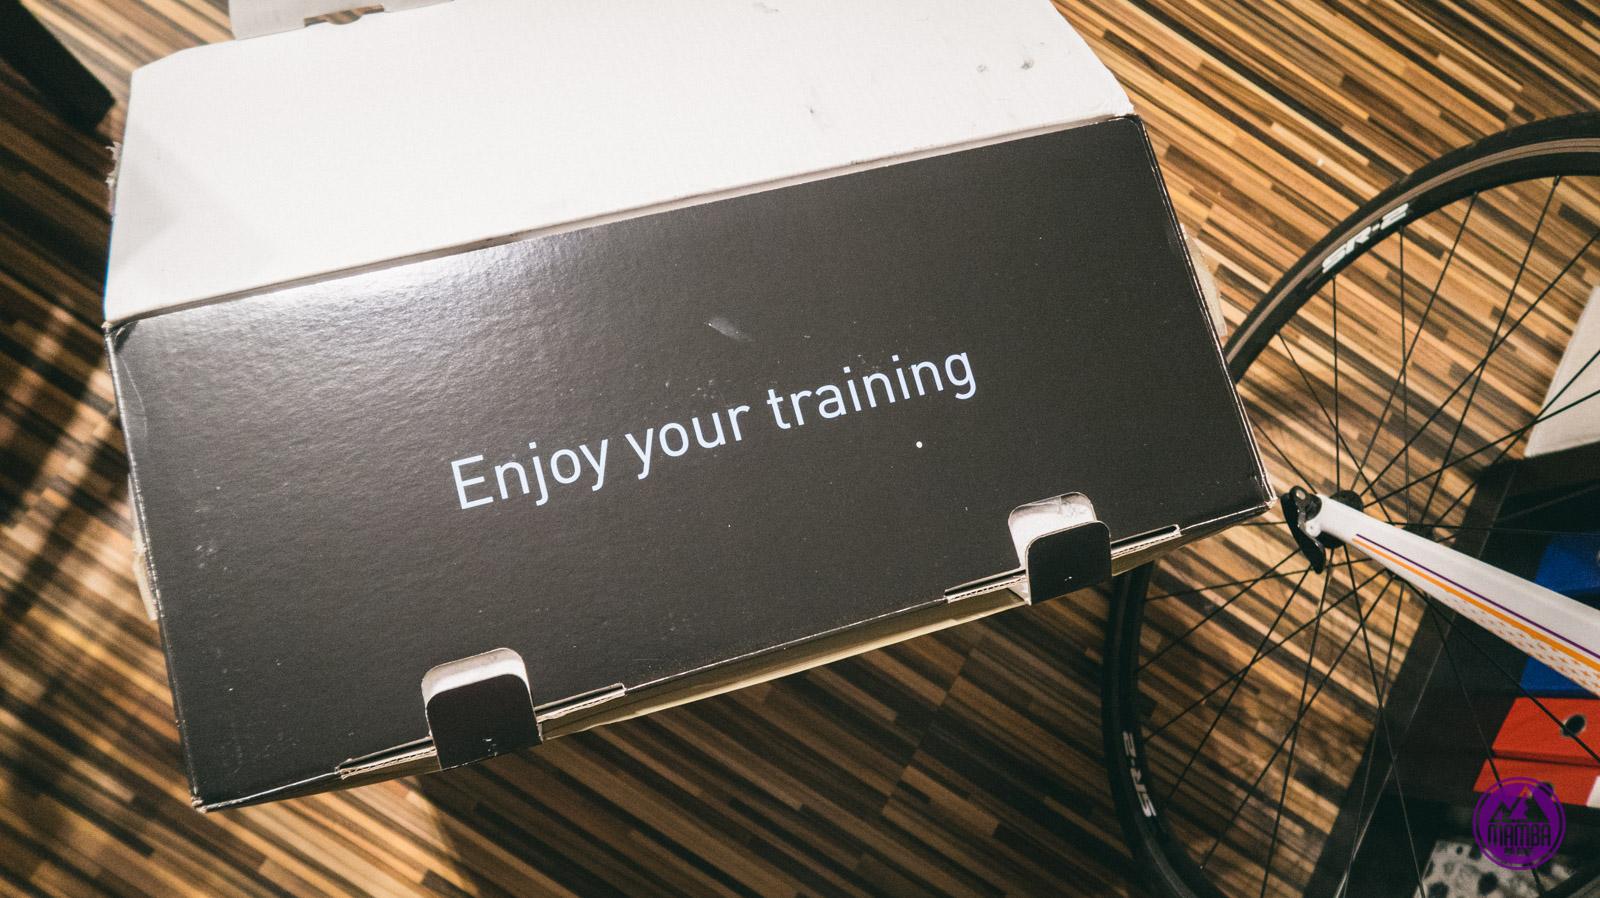 Hasło na opakowaniu trenażera - enjoy your training.